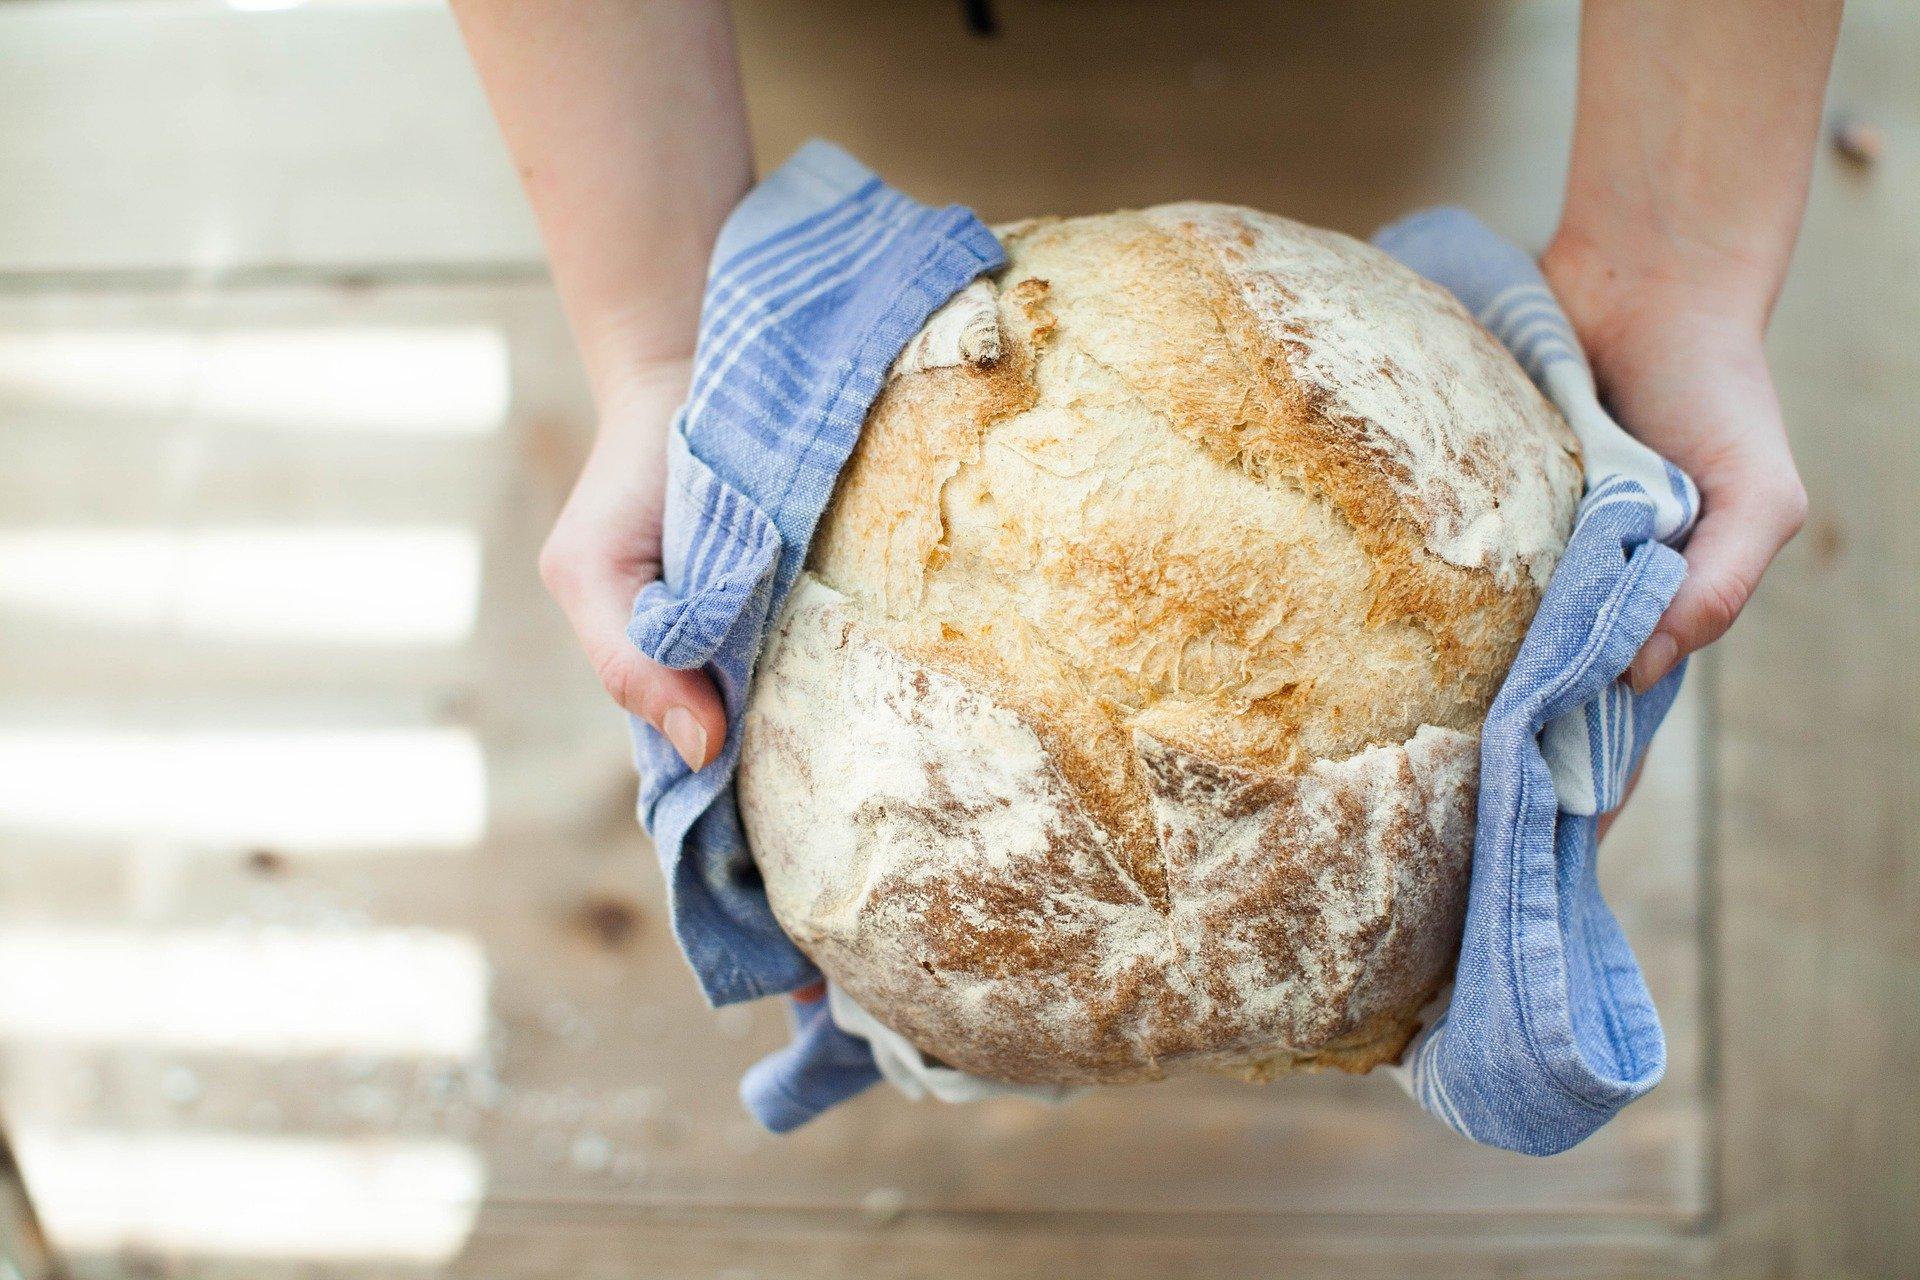 Les Français consomment de moins en moins de pain